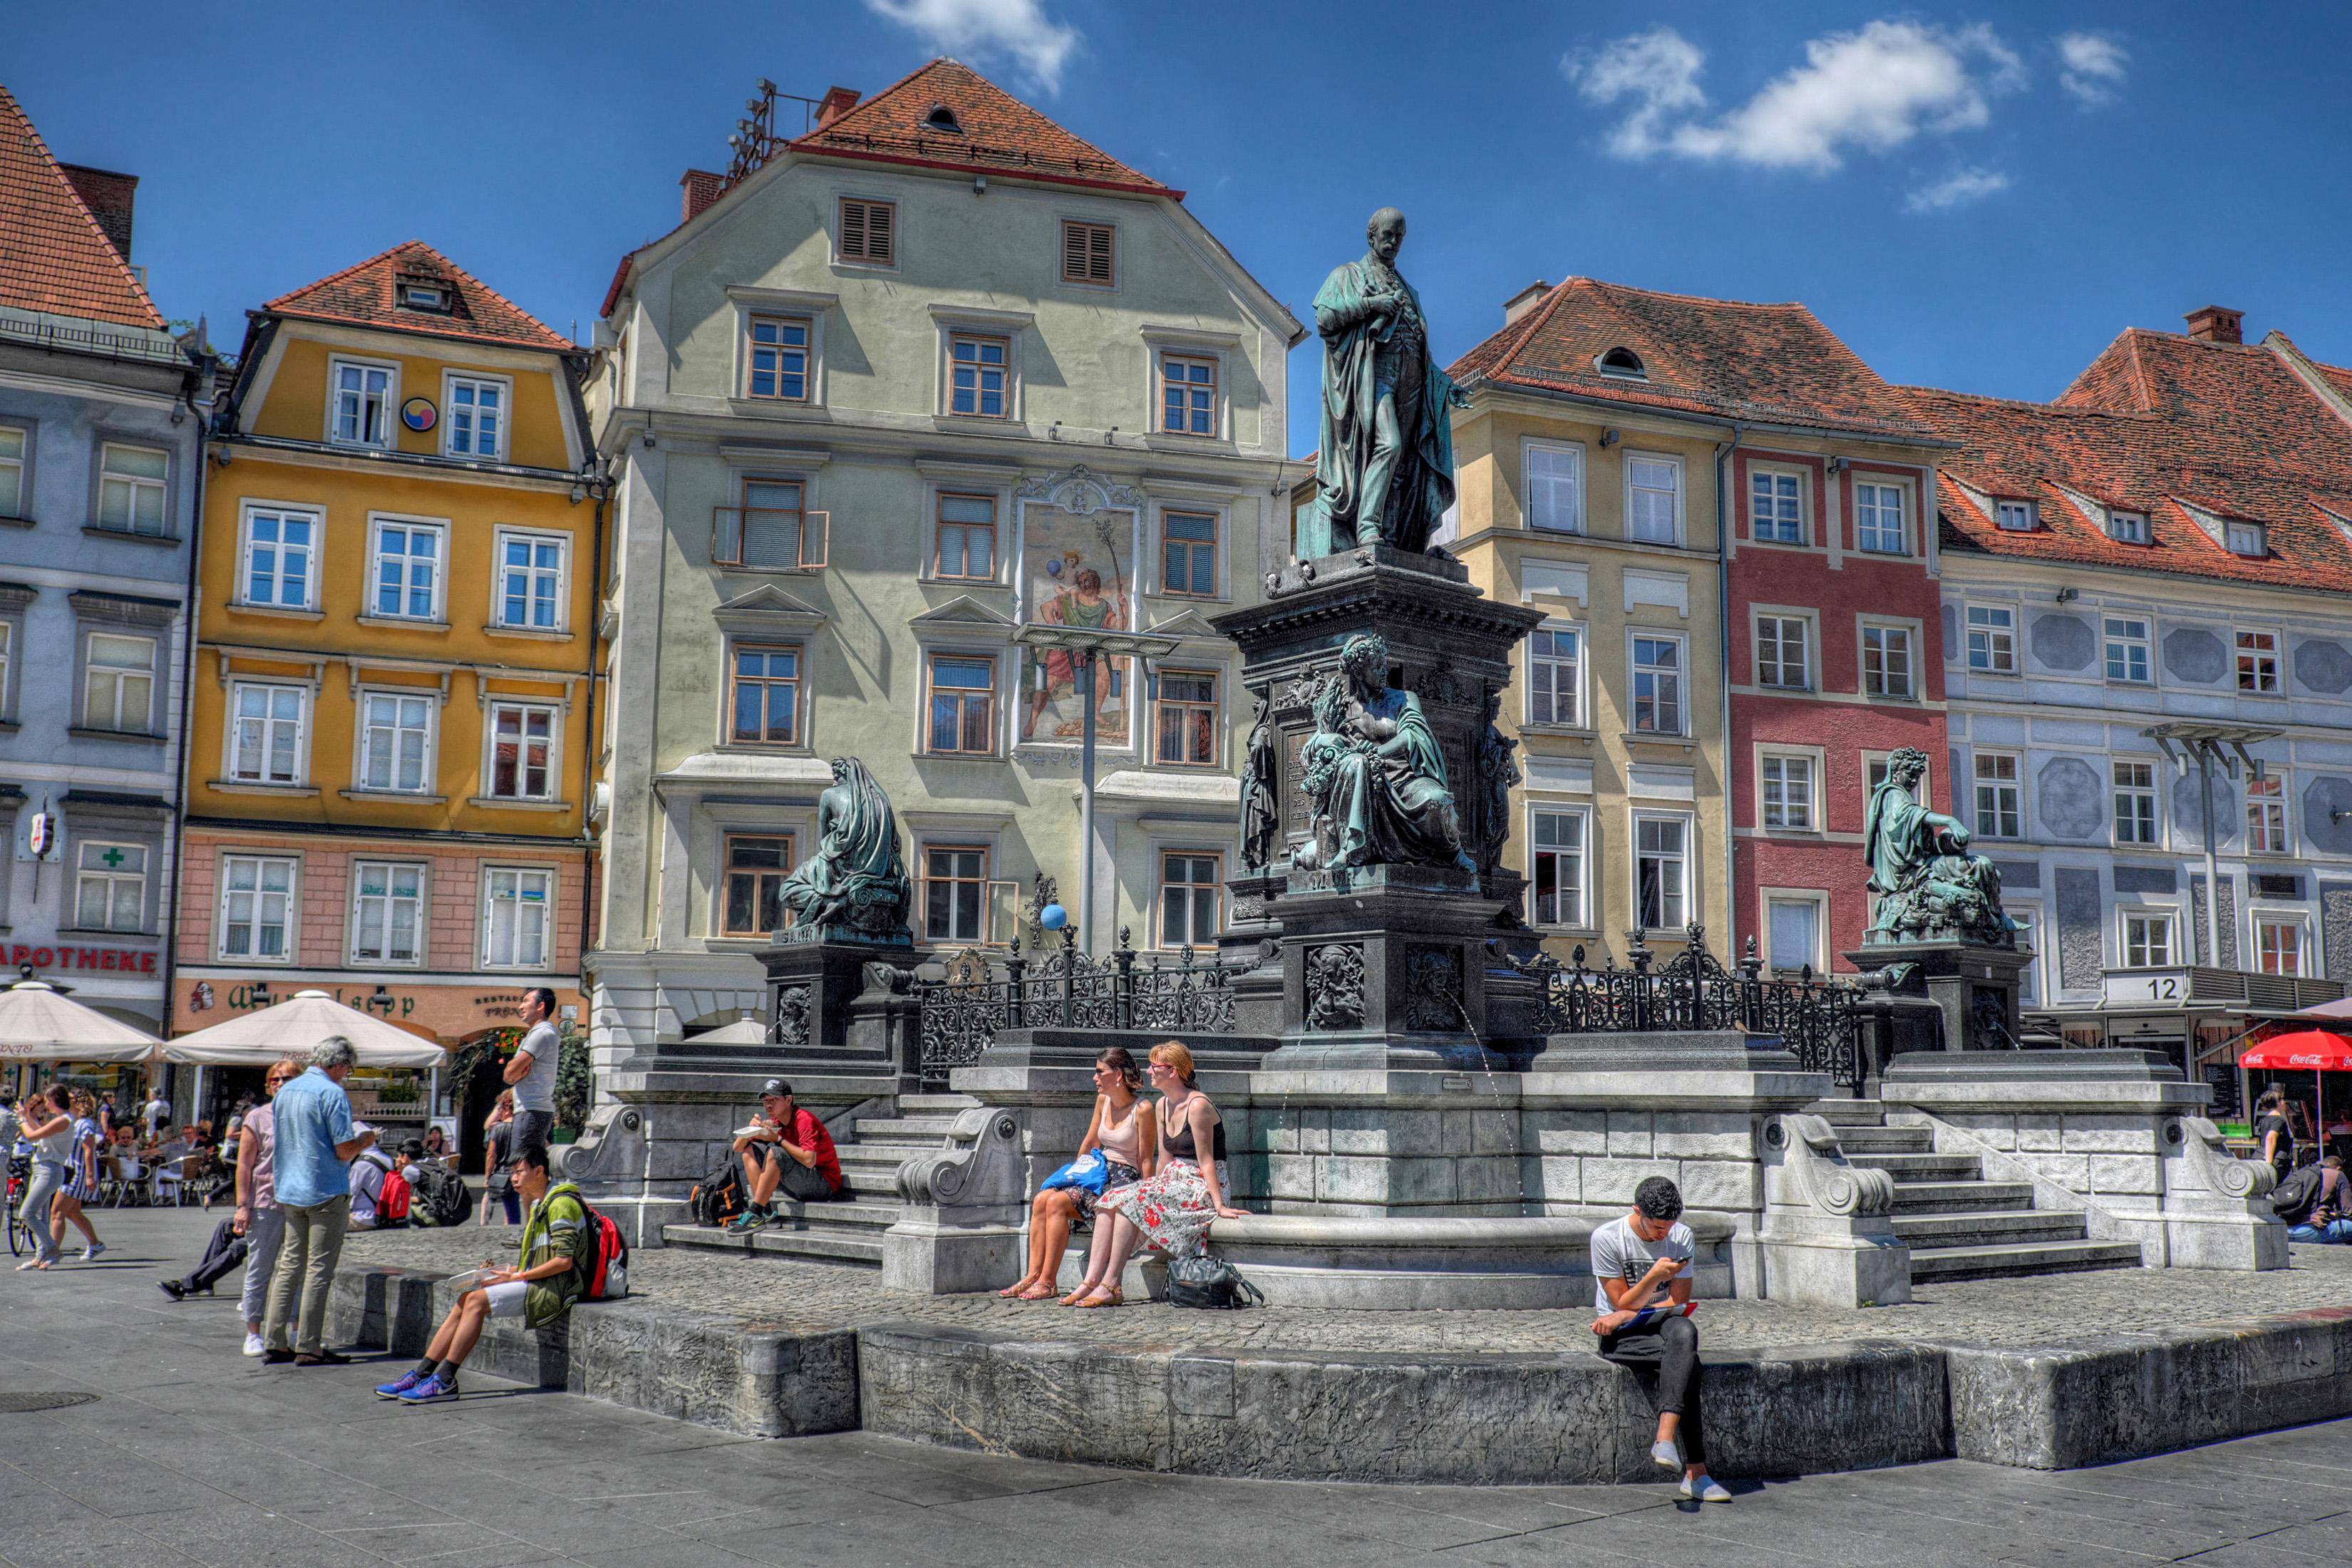 Погода в Граце, втором по населению городе Австрии, похожа на столичную